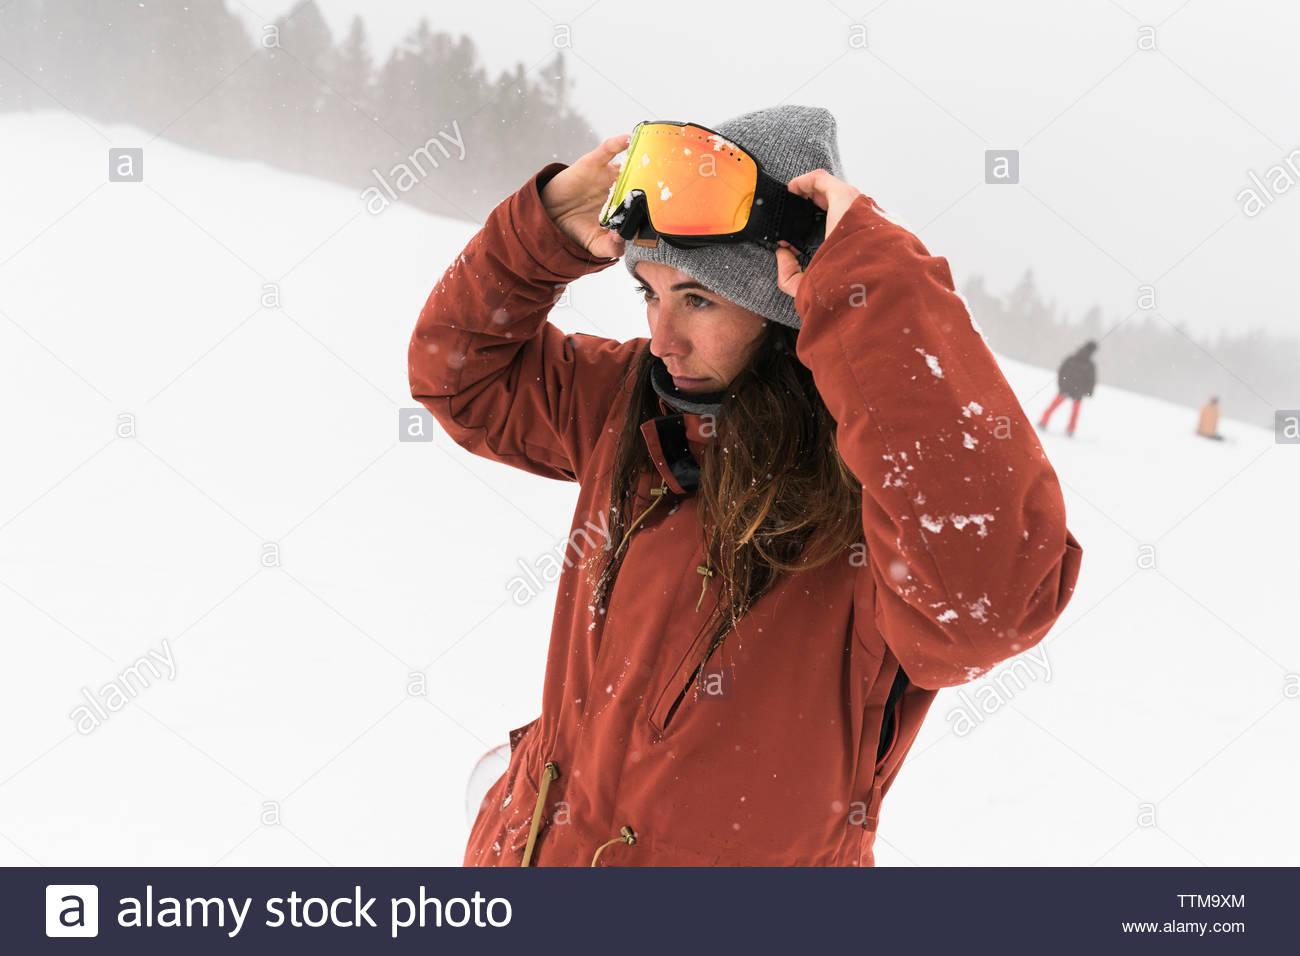 Donna che indossa gli occhiali da sci mentre si sta in piedi sul campo nevoso durante la nebbia meteo Immagini Stock